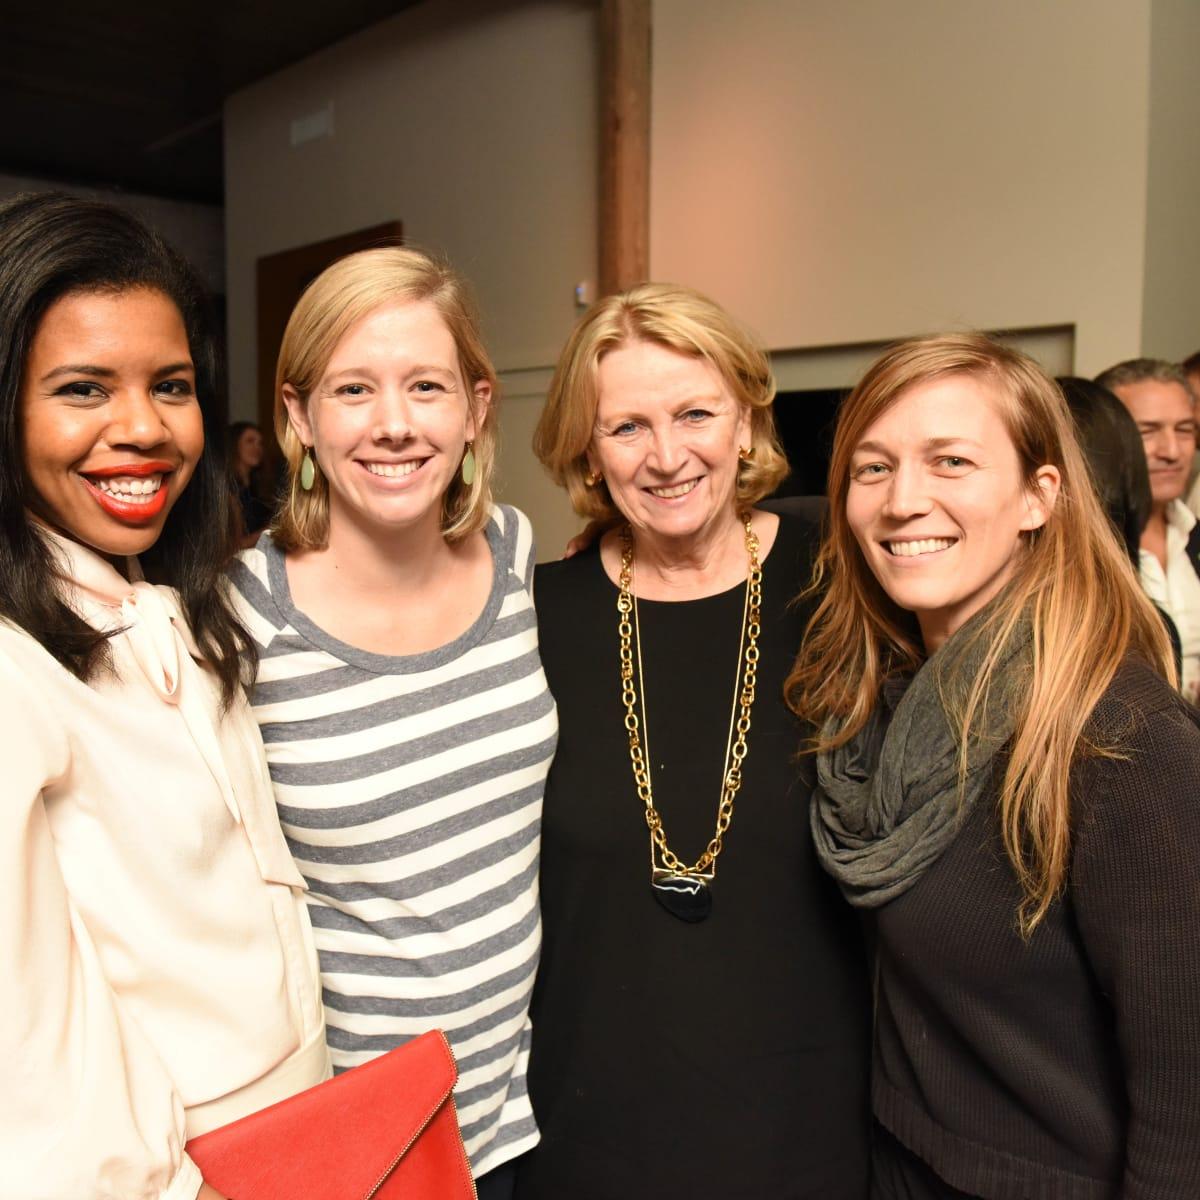 News, Pier & Beam party, Dec. 2015, Claire Cormier Thielke, Mary Senkel, Patricia Laurent, Melissa Eason.